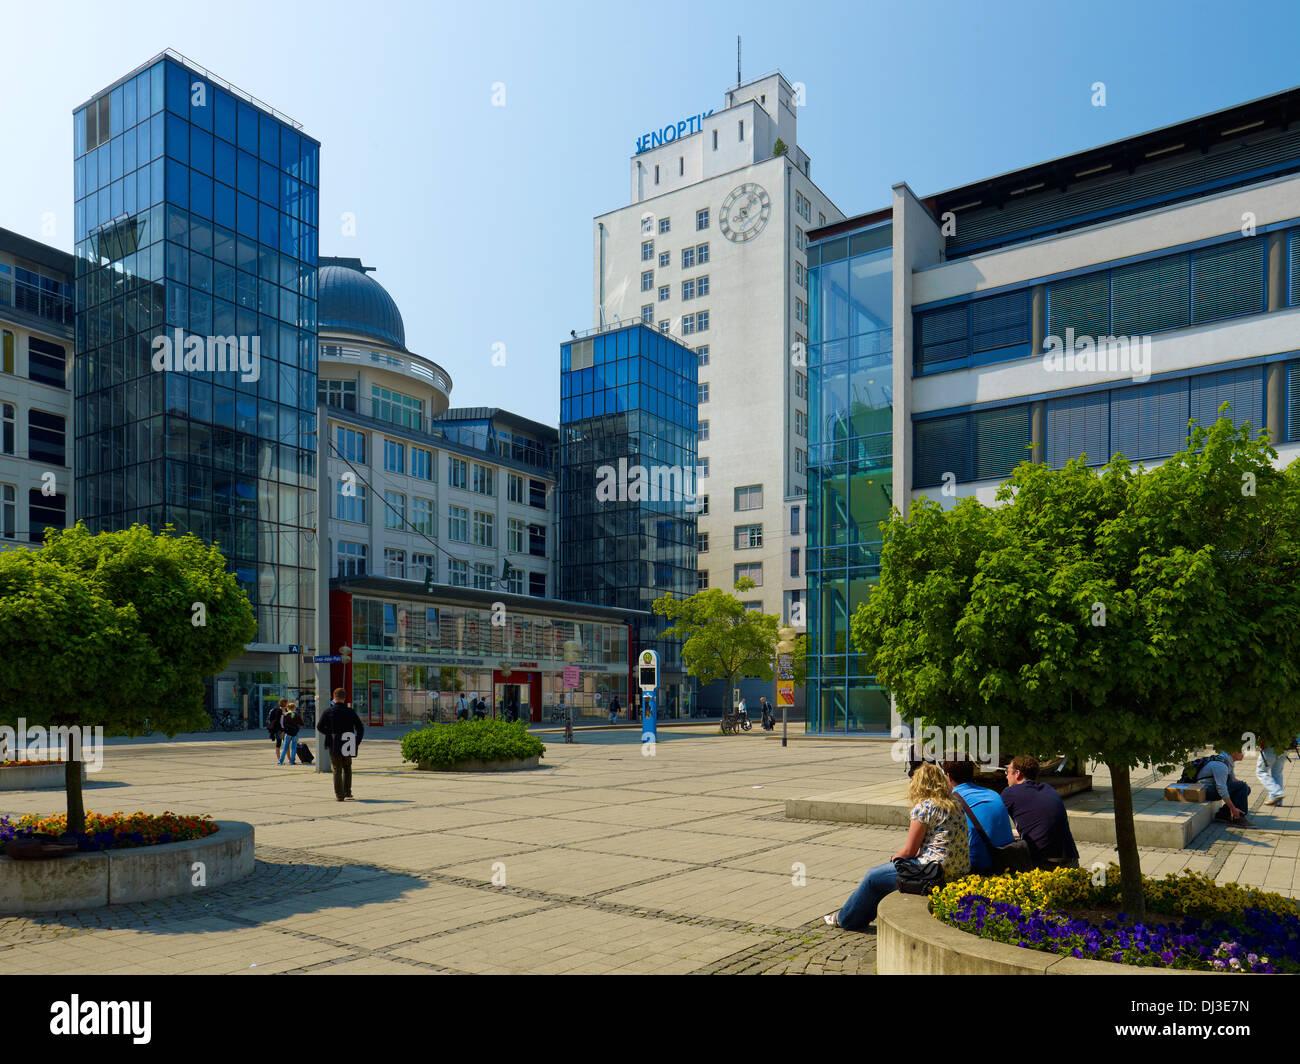 Ernst-Abbe-Platz with the University and Jenoptik building, Jena, Thuringia - Stock Image